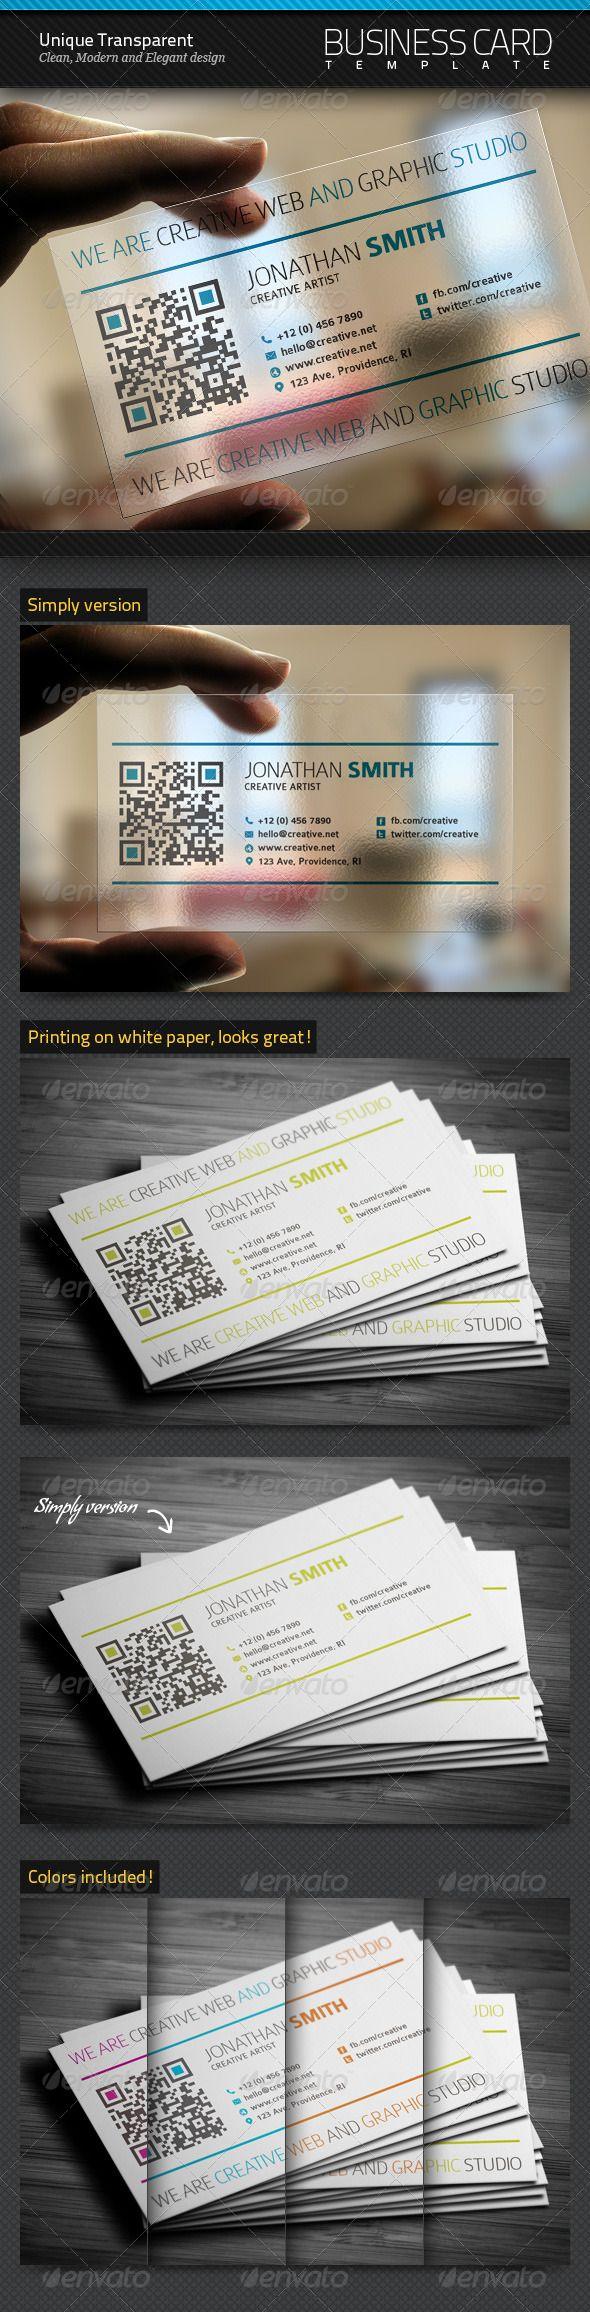 unique transparent business card